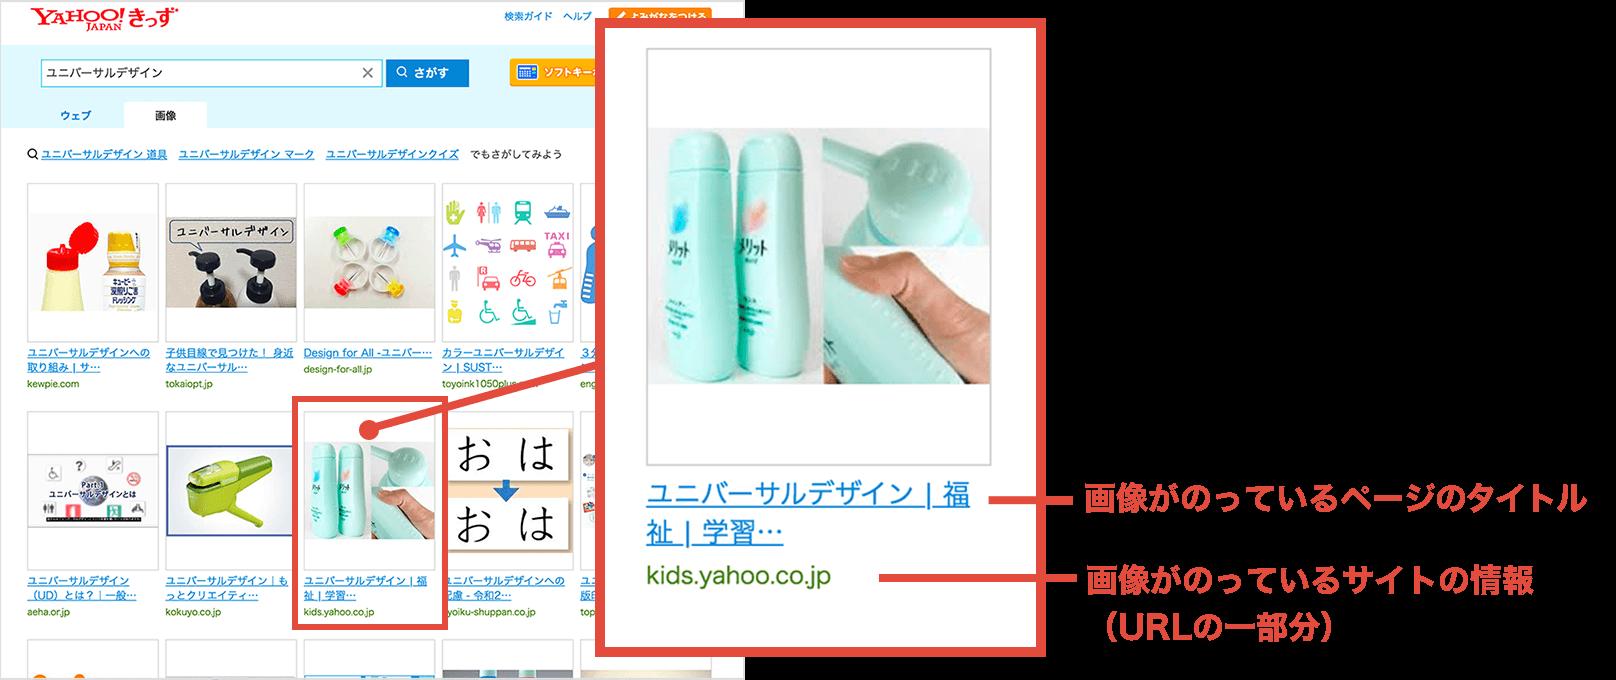 キーワードの画像検索結果の説明画像。画像がのっているページタイトル、URLが乗っているサイトの情報(URLの一部分)